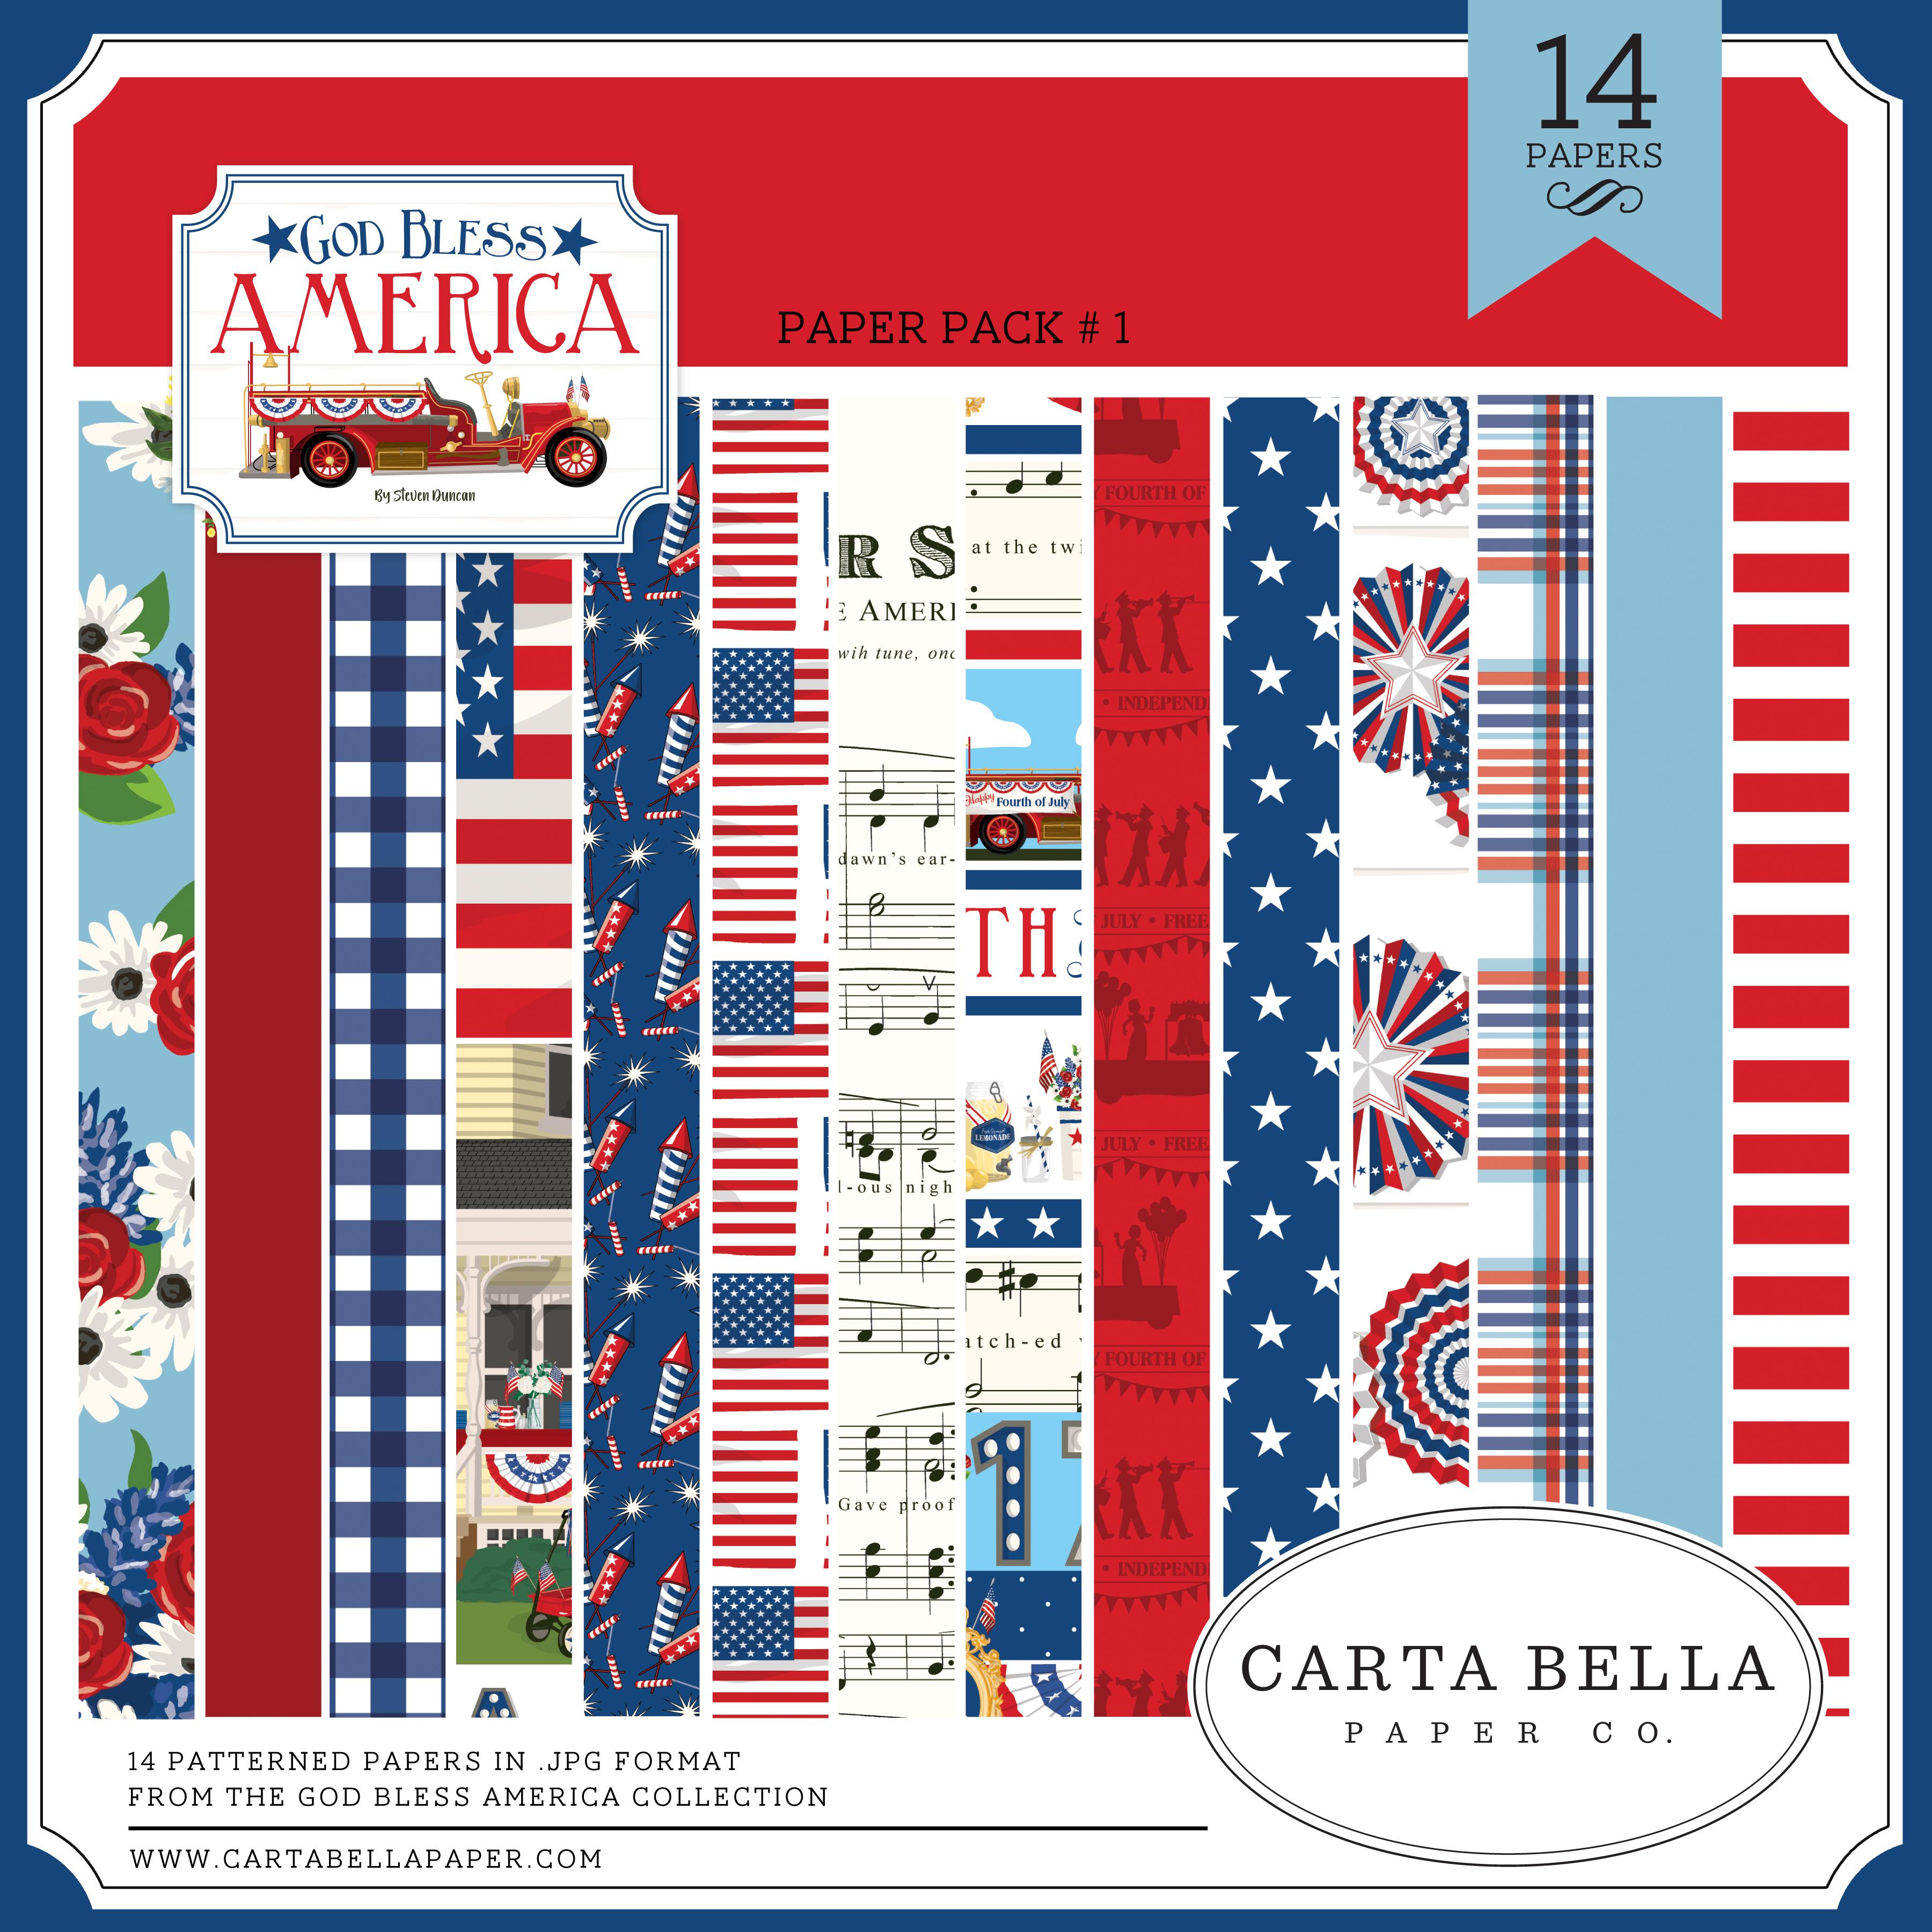 God Bless America Paper Pack #1